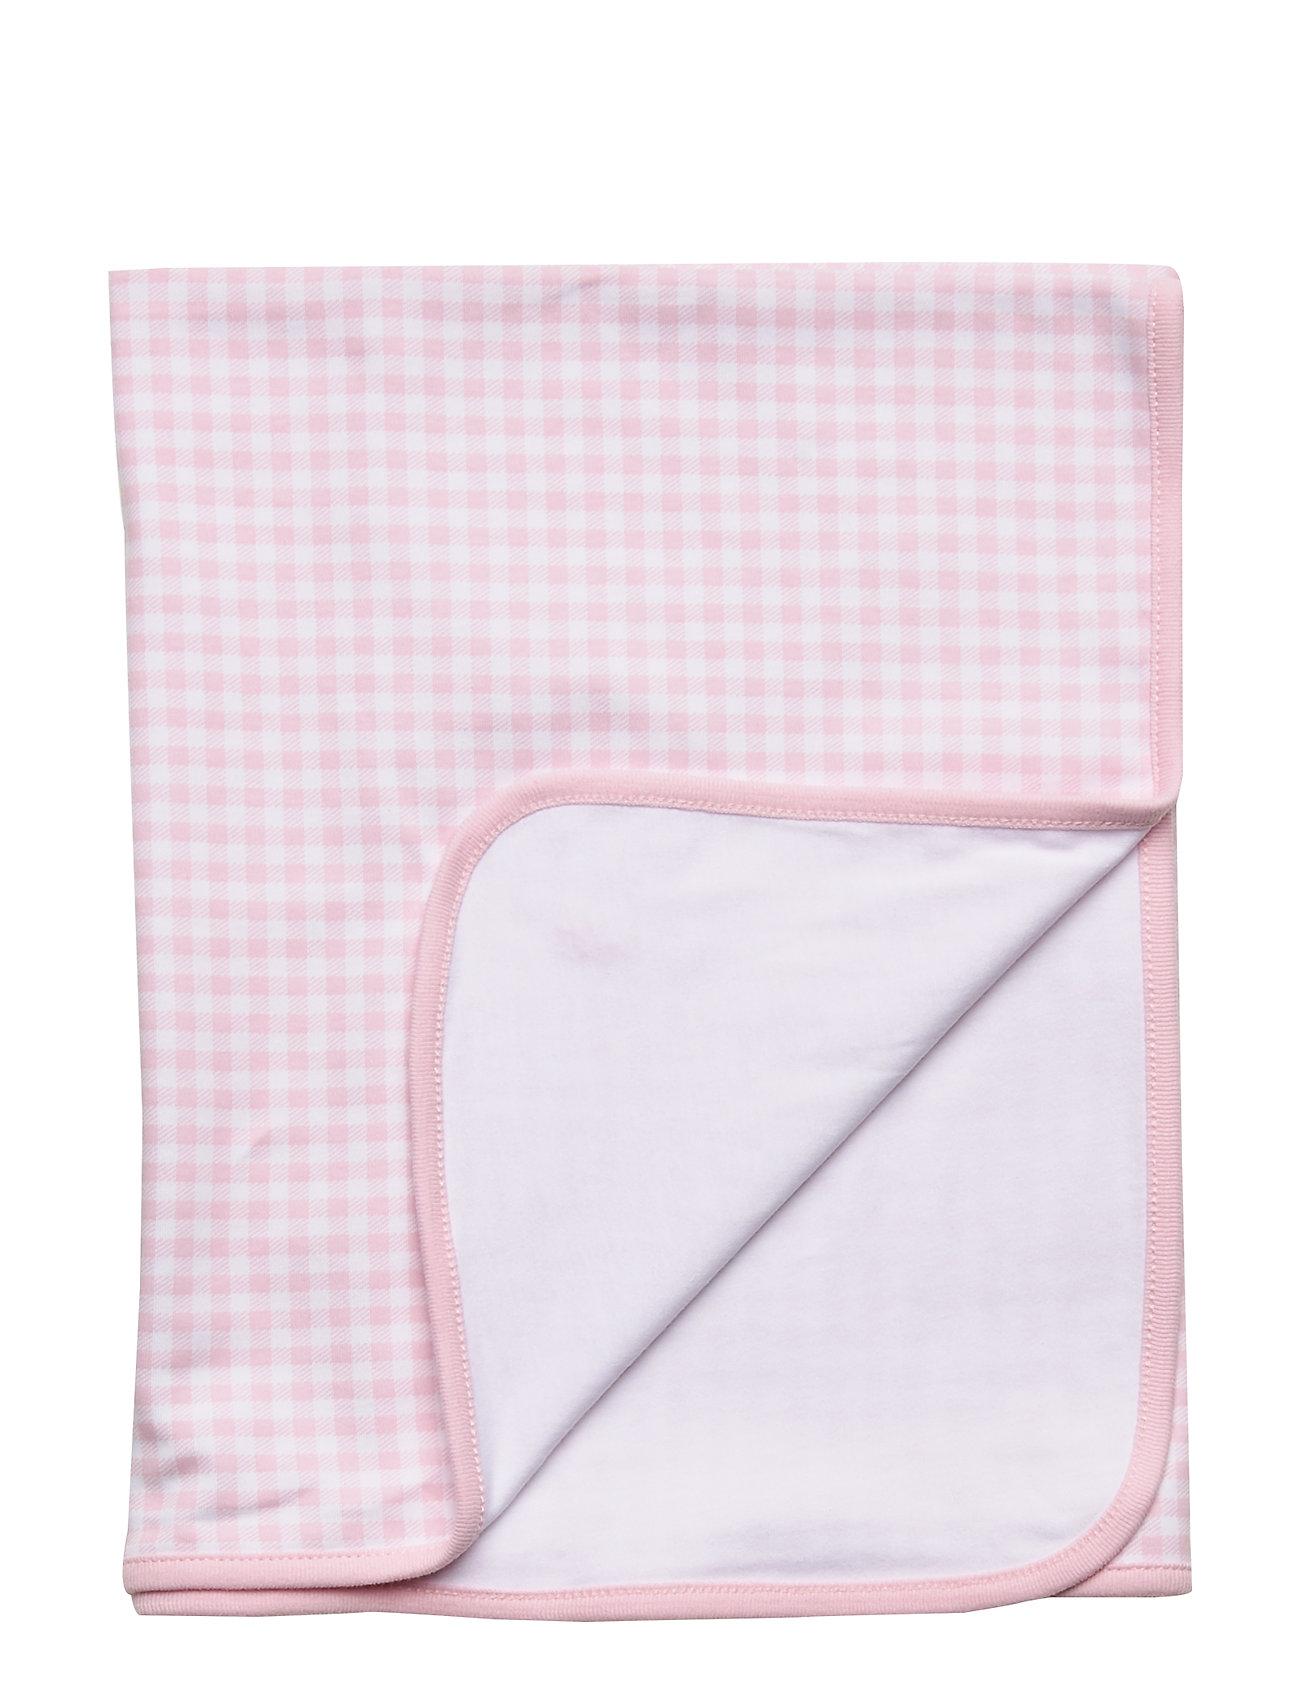 Ralph Lauren Baby Gingham Interlock Blanket - DELICATE PINK MUL